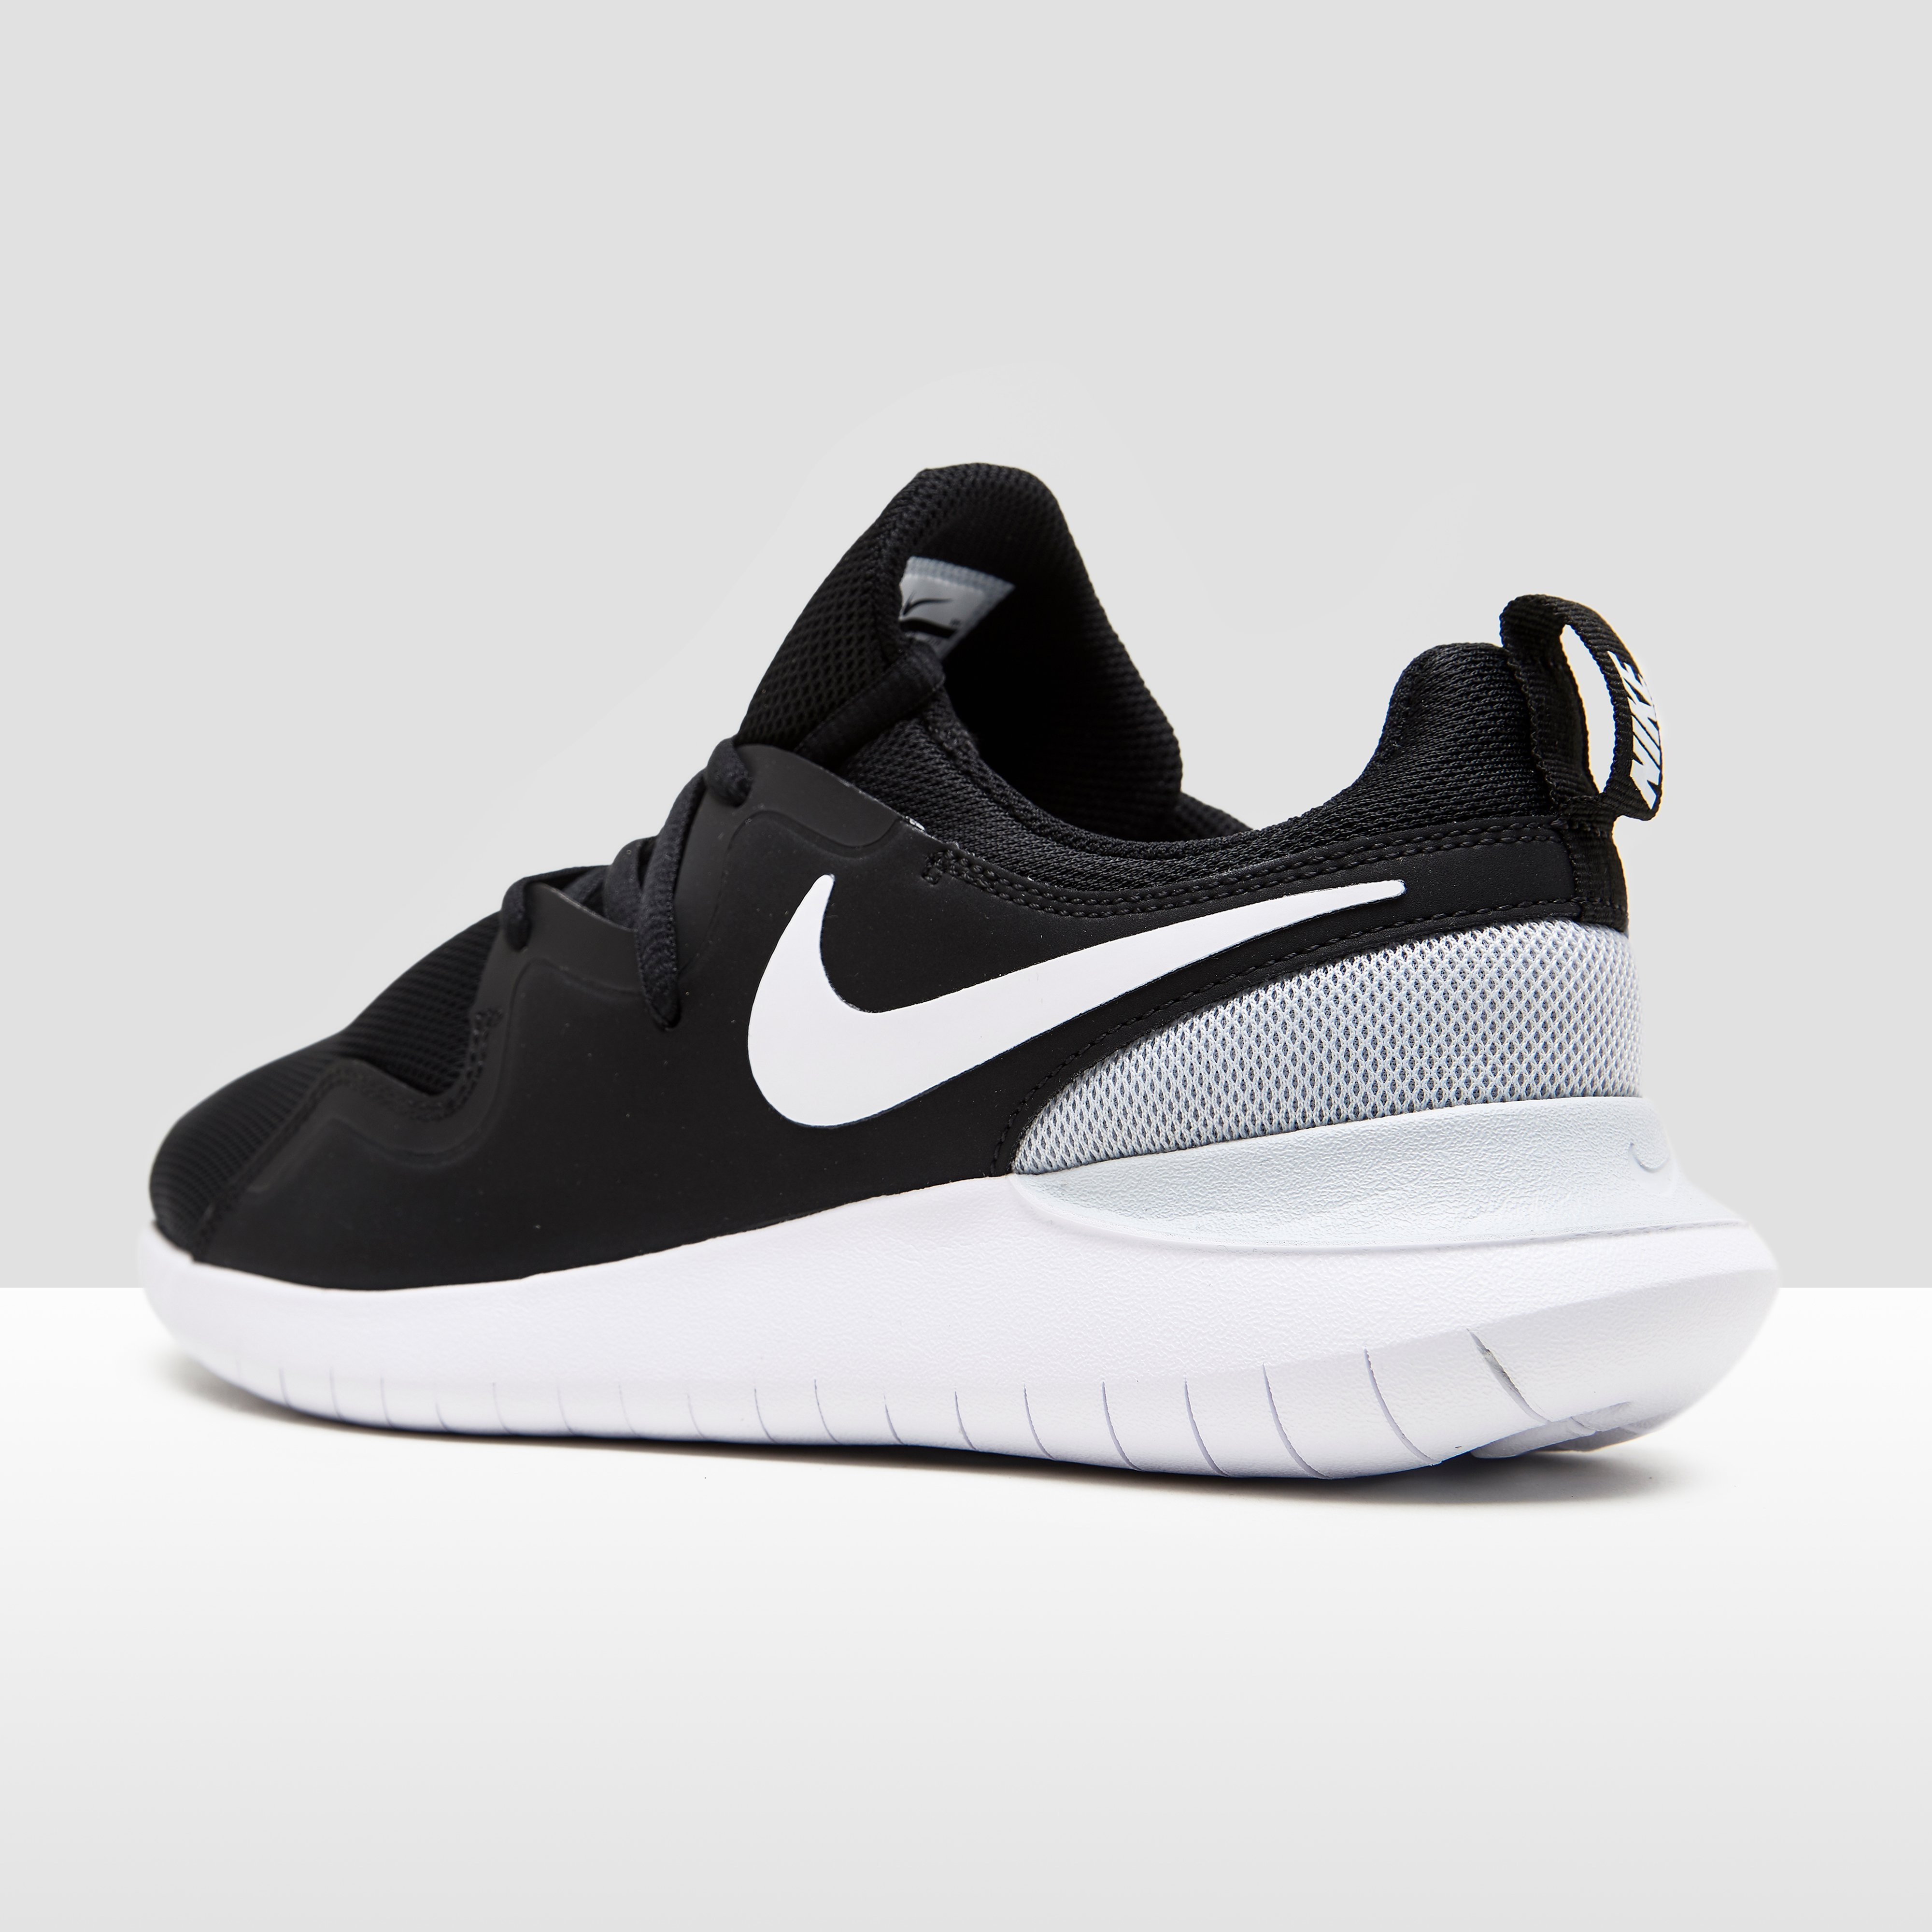 Nike Sneakers Femme Tessen dPfKBFmU1W